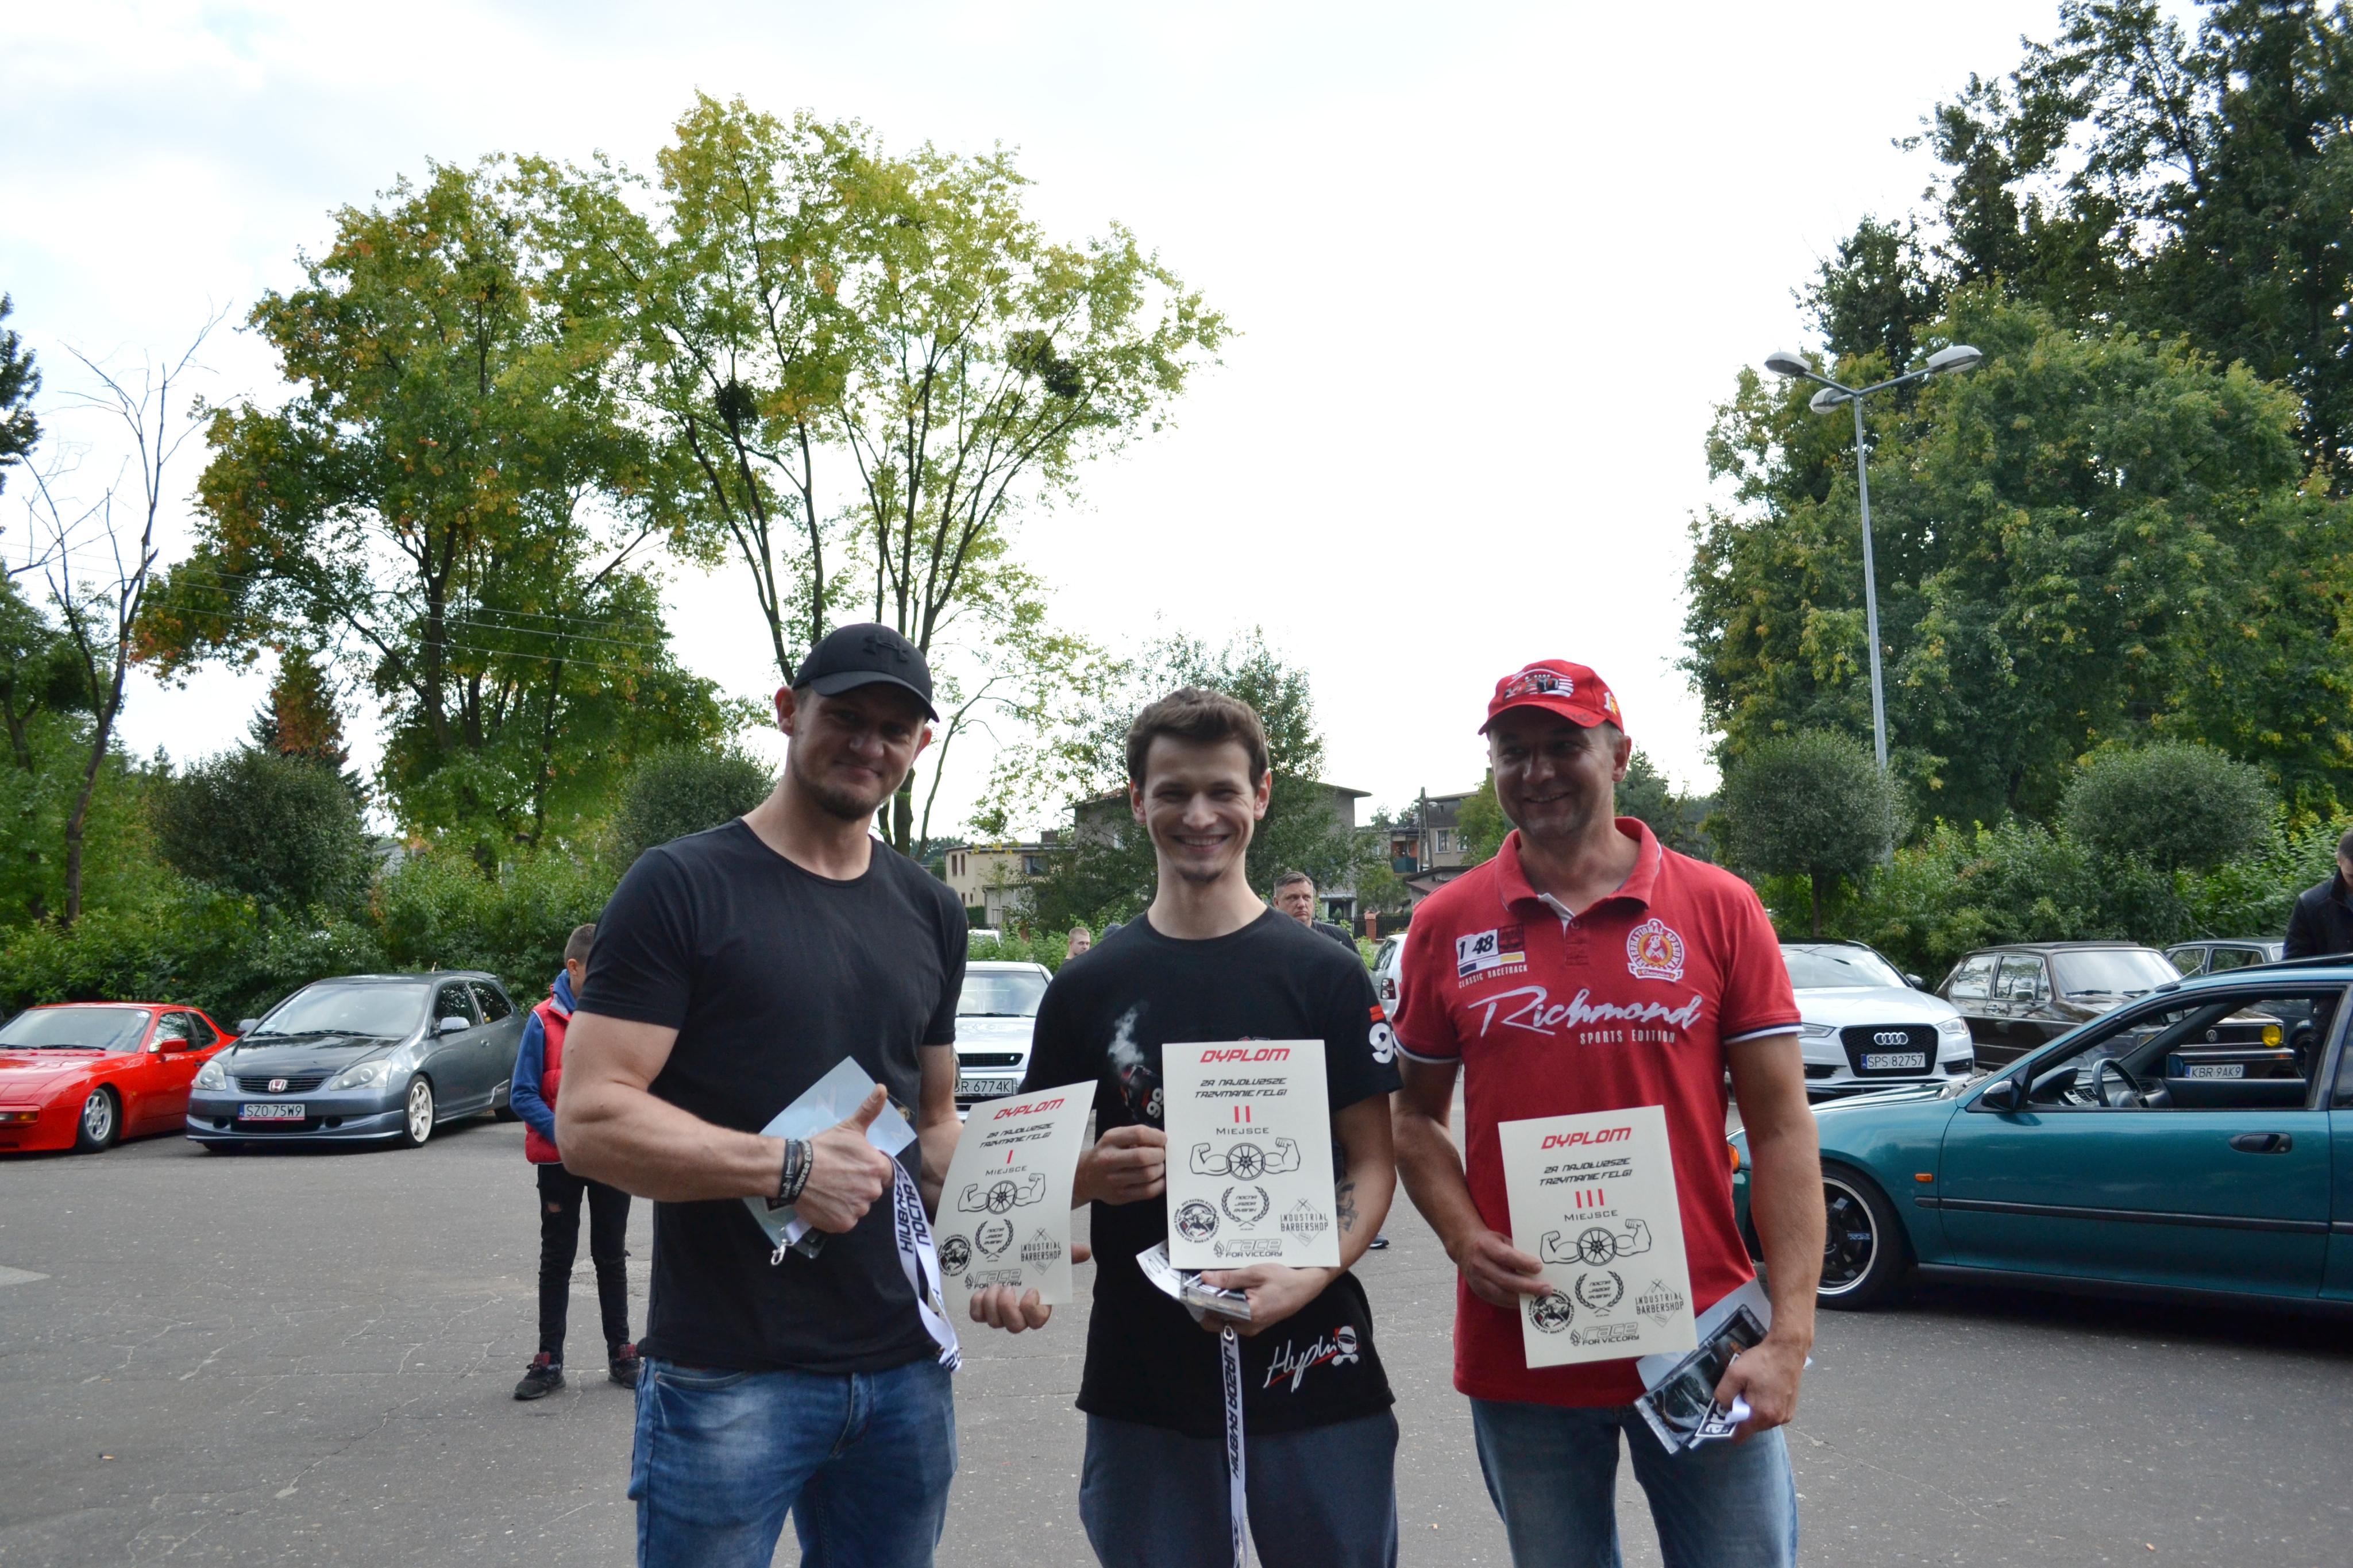 Zwycięzcy konkursu na trzymanie felg. Od lewej: Mariusz – miejsce pierwsze, Maciej – miejsce drugie, Janusz – miejsce trzecie